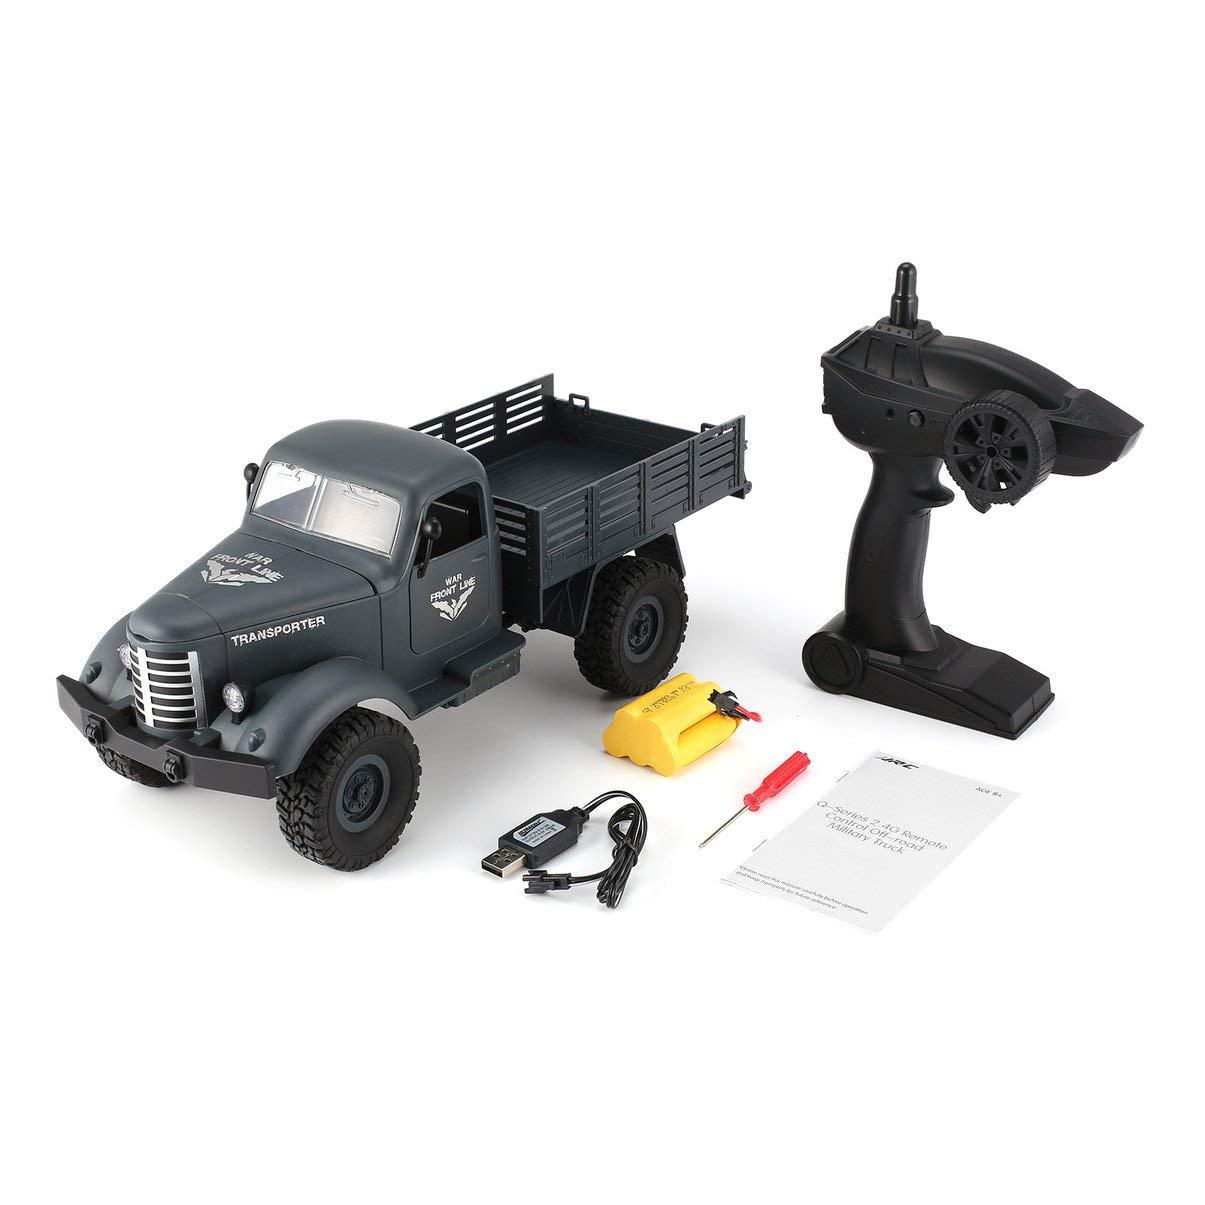 JullyeleESgant JJR / C Q61 1/16 2.4G 4WD RC Todoterreno Camión Militar Transportador RC Coche Vehículo de Control Remoto para Regalo de Los Niños Juguete de Los Niños